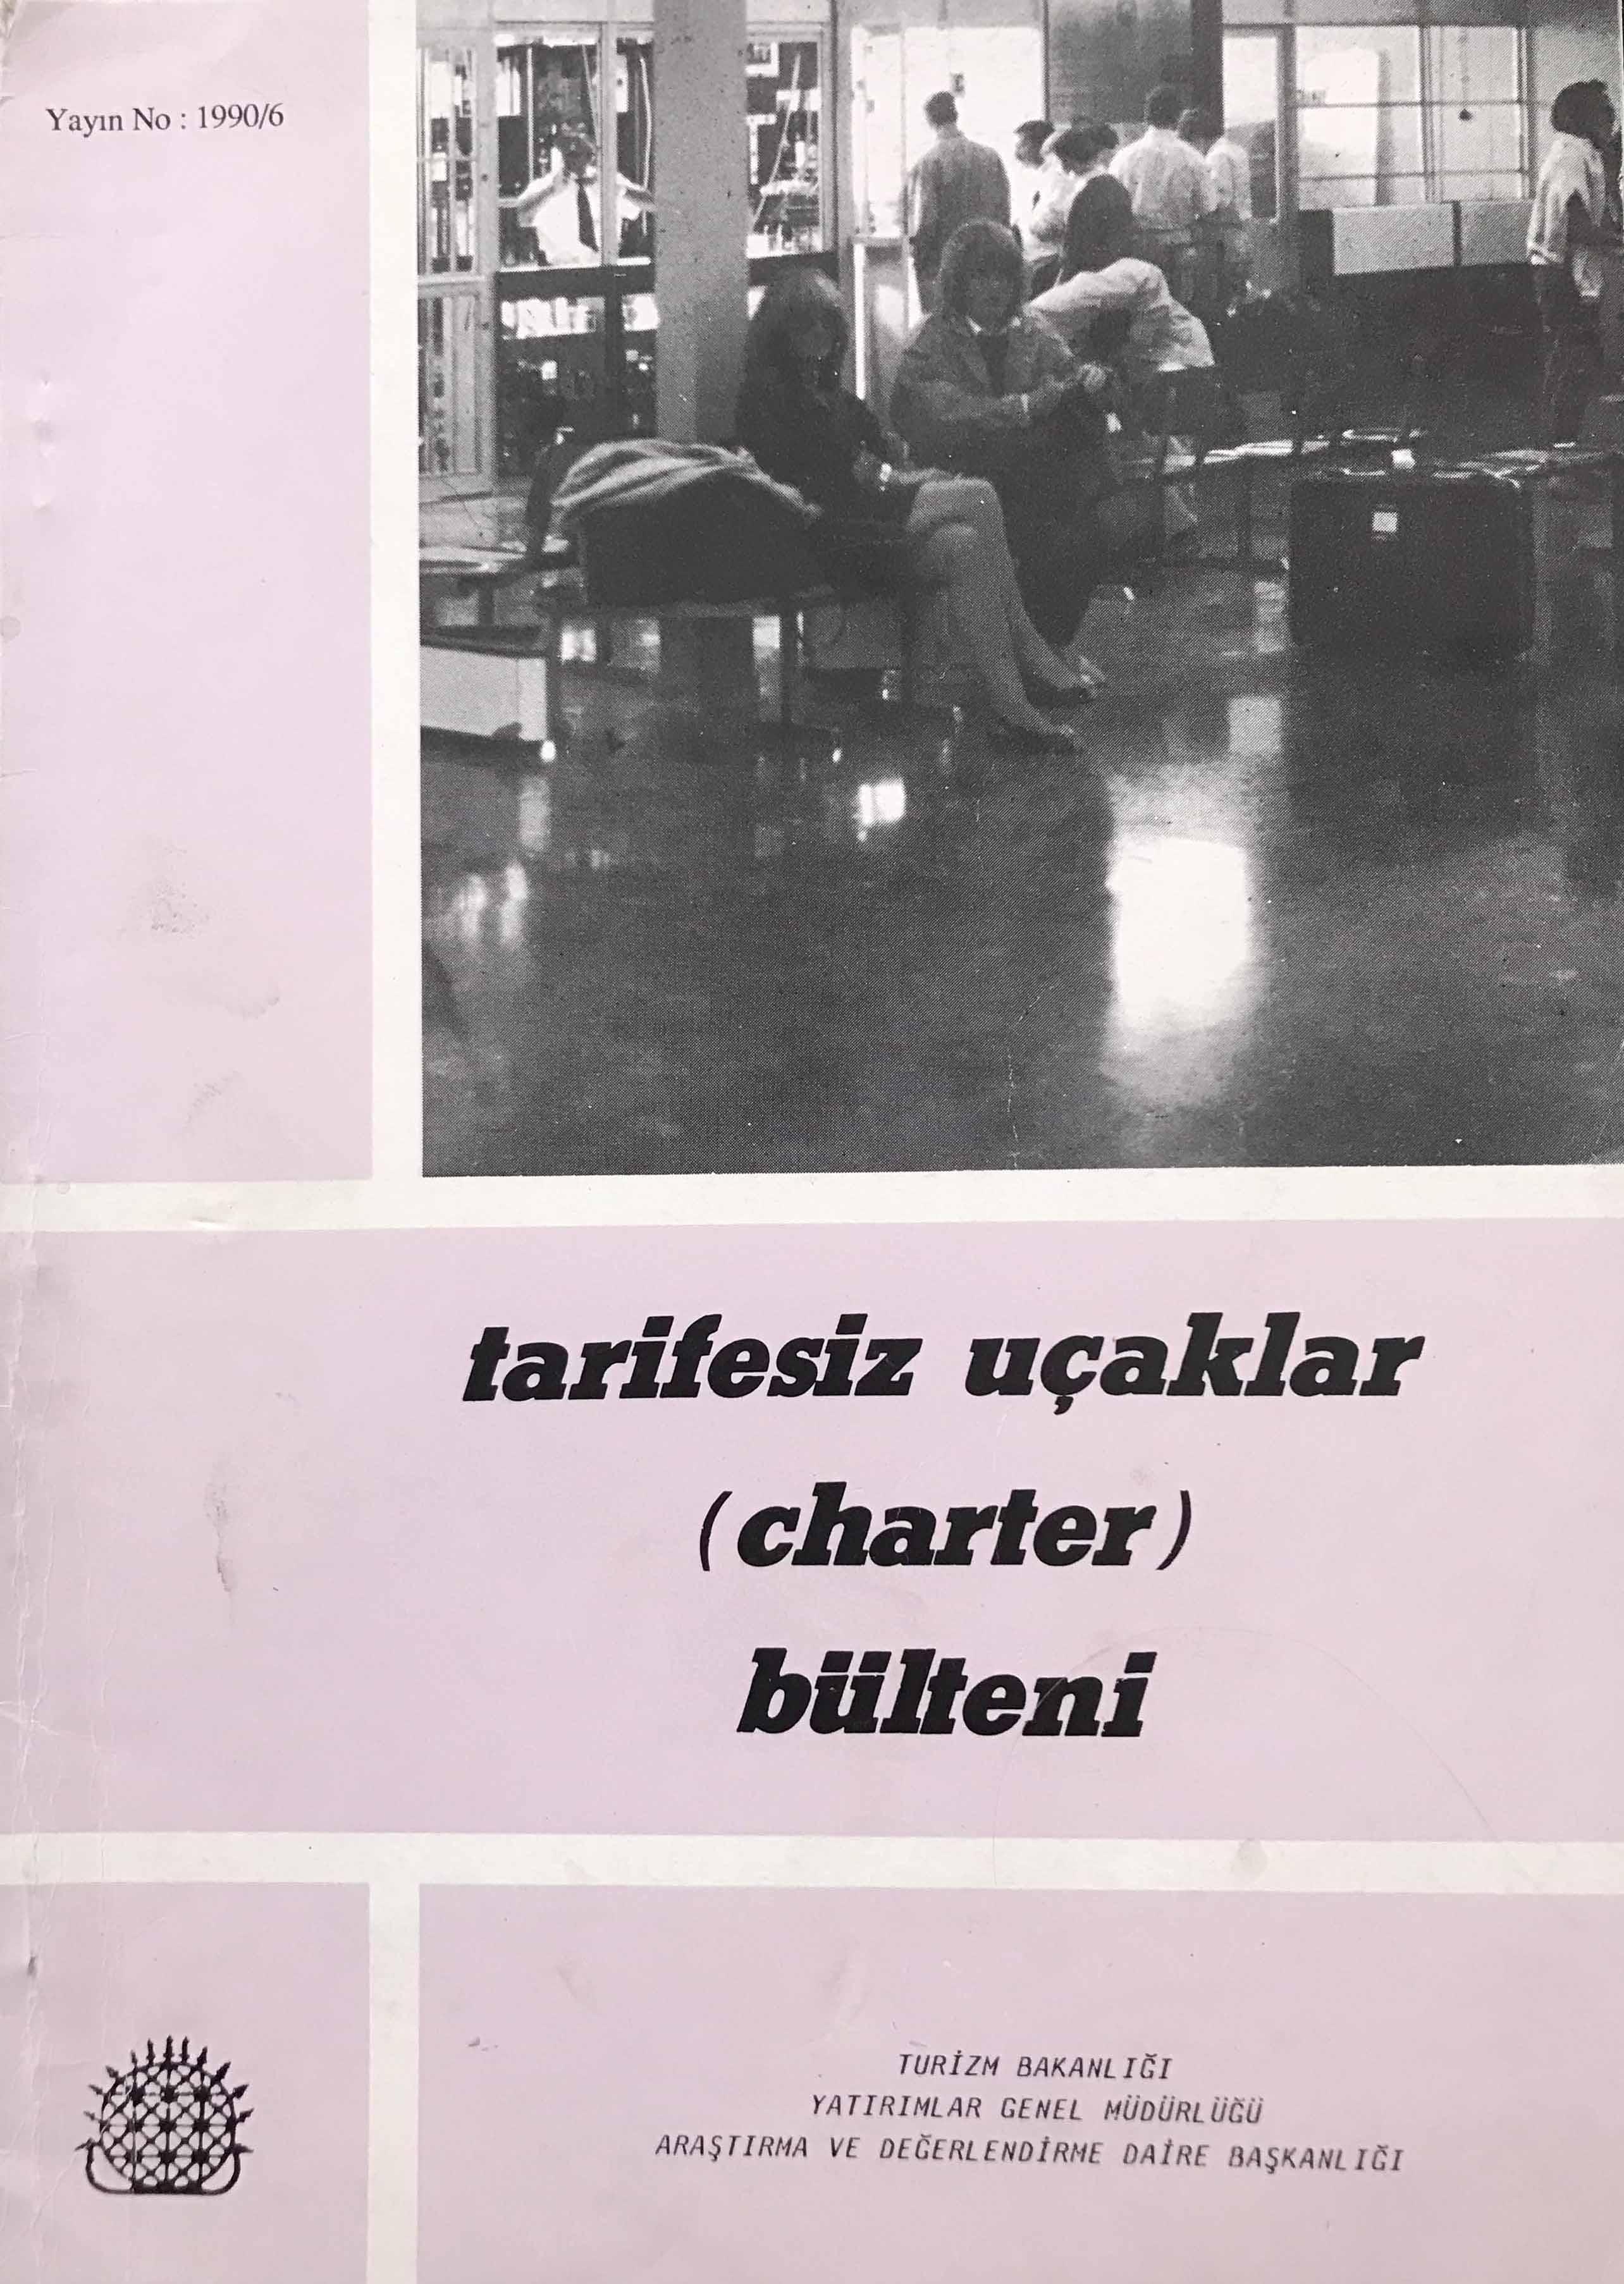 Tarifesiz Uçaklar (Charter) Bülteni Kitap Kapağı